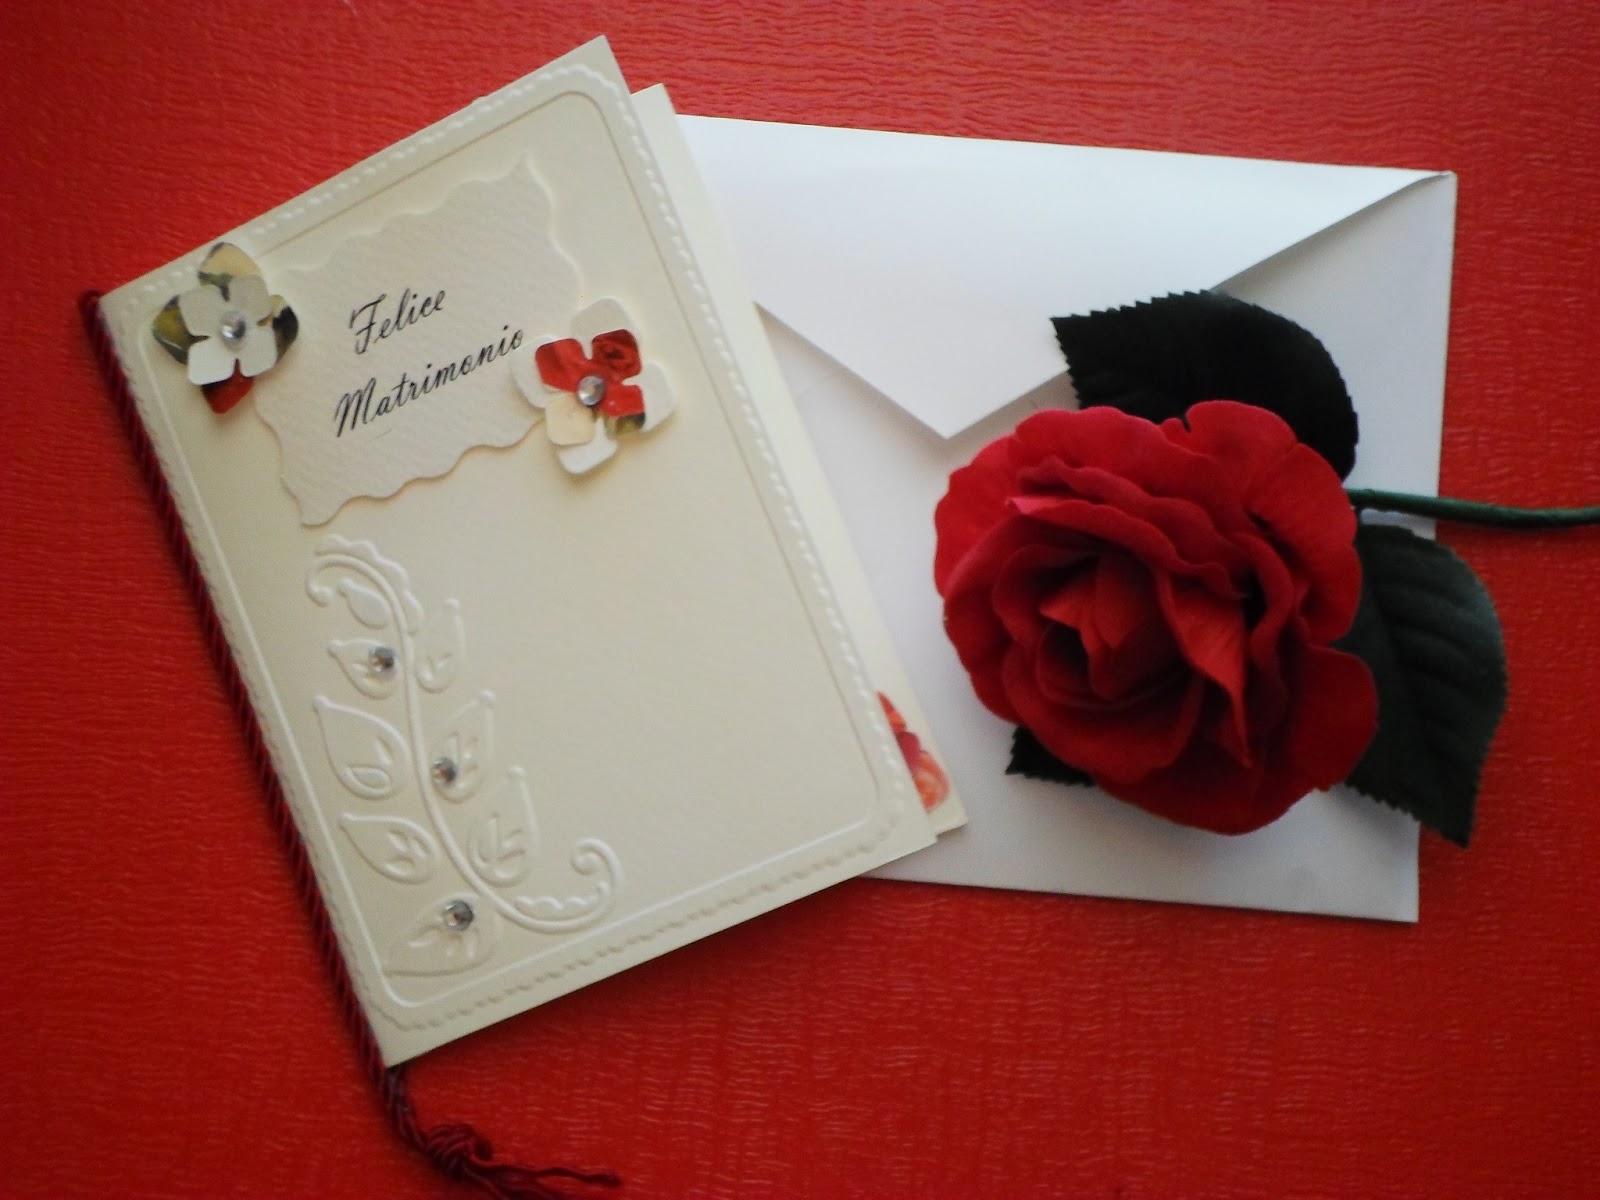 Auguri Matrimonio Unione : Preziose raffinatezze biglietto auguri matrimonio fai da te